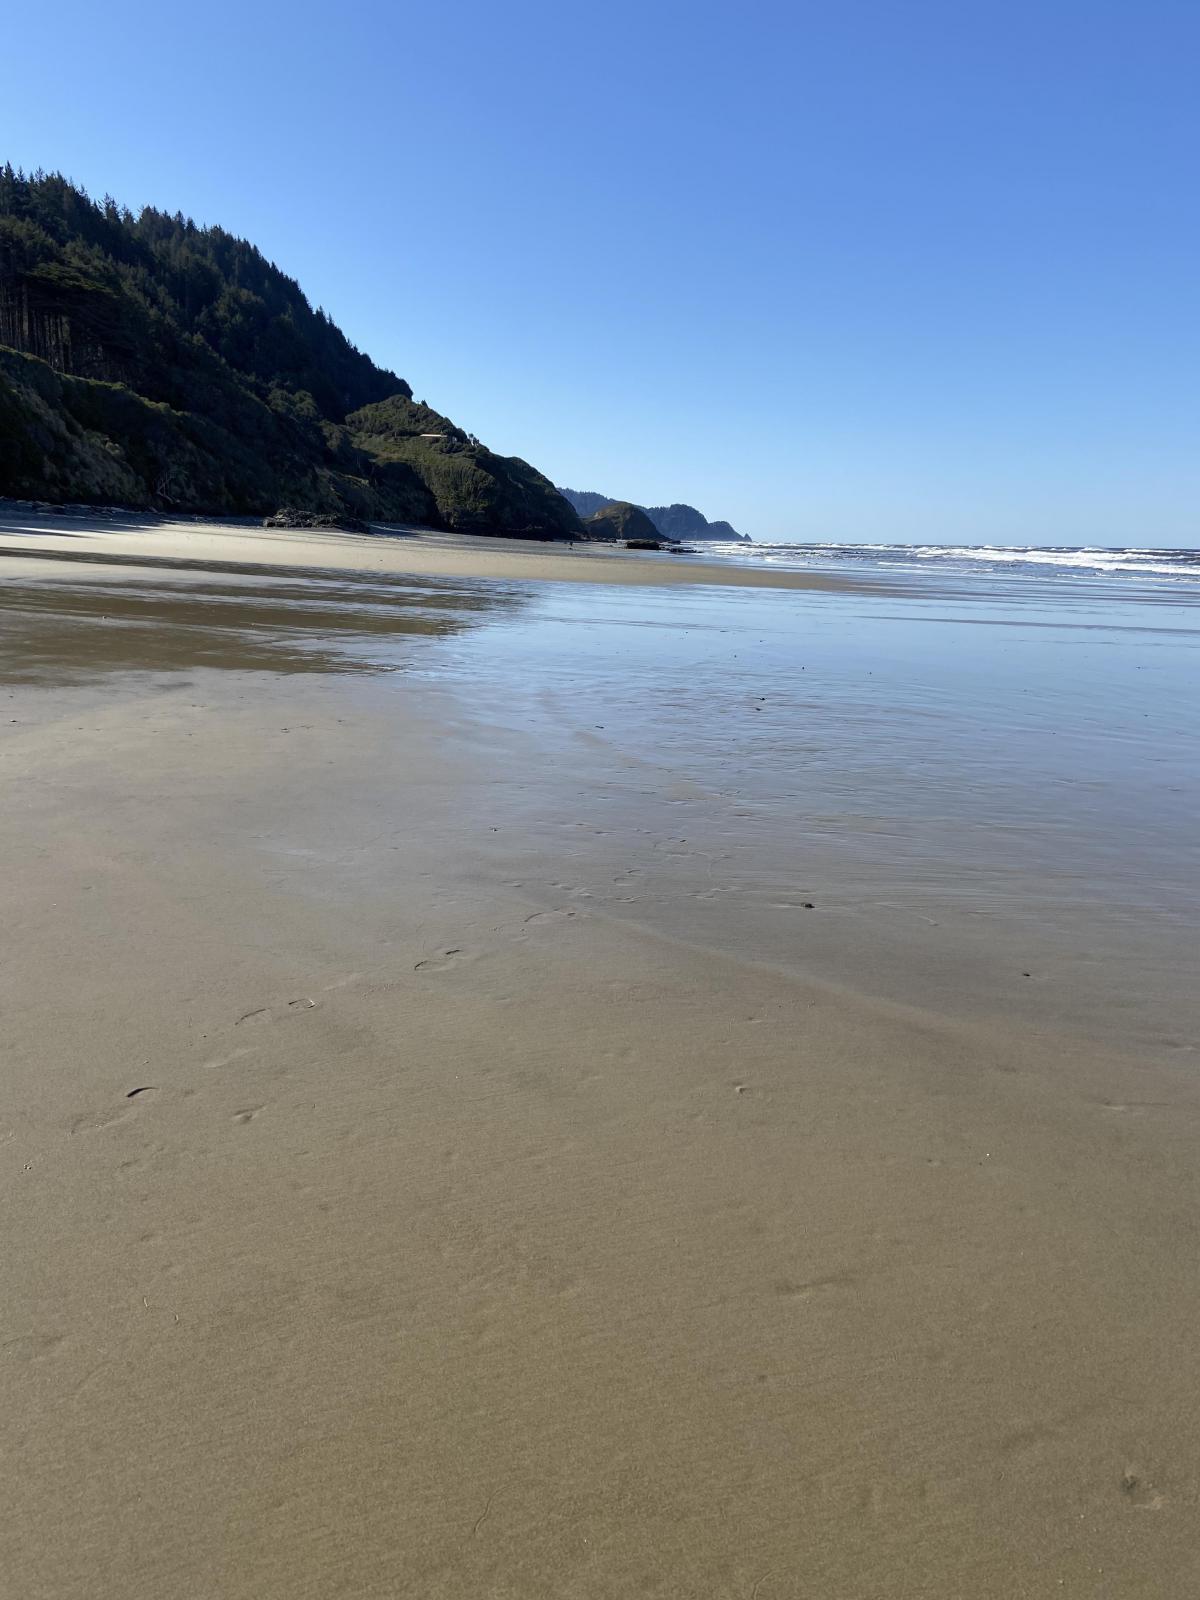 Sandy beach again!